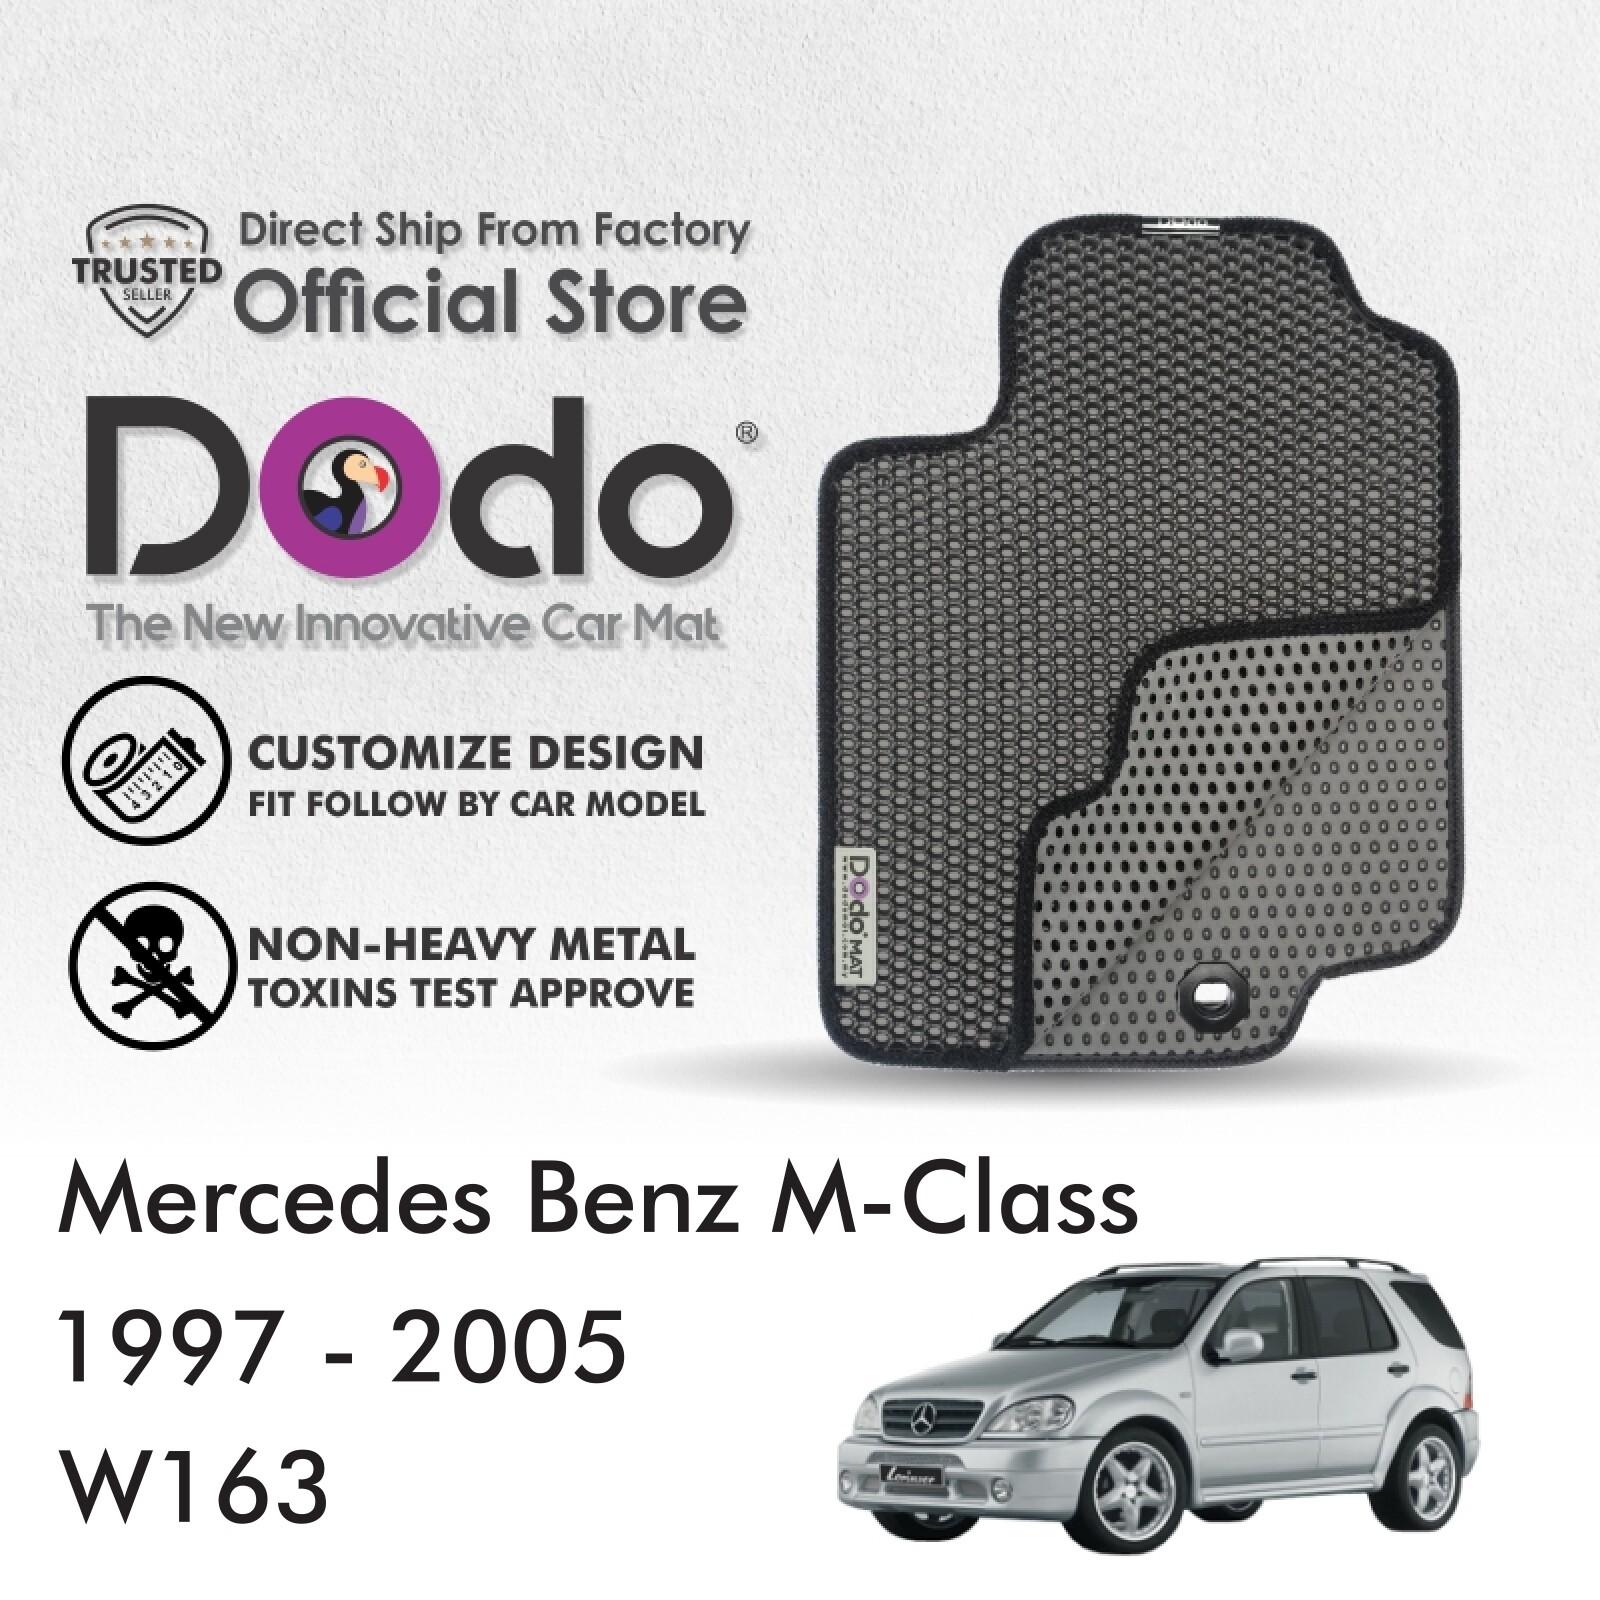 Dodo® Car Mat / Mercedes Benz M-Class / 1997- 2005 / W163